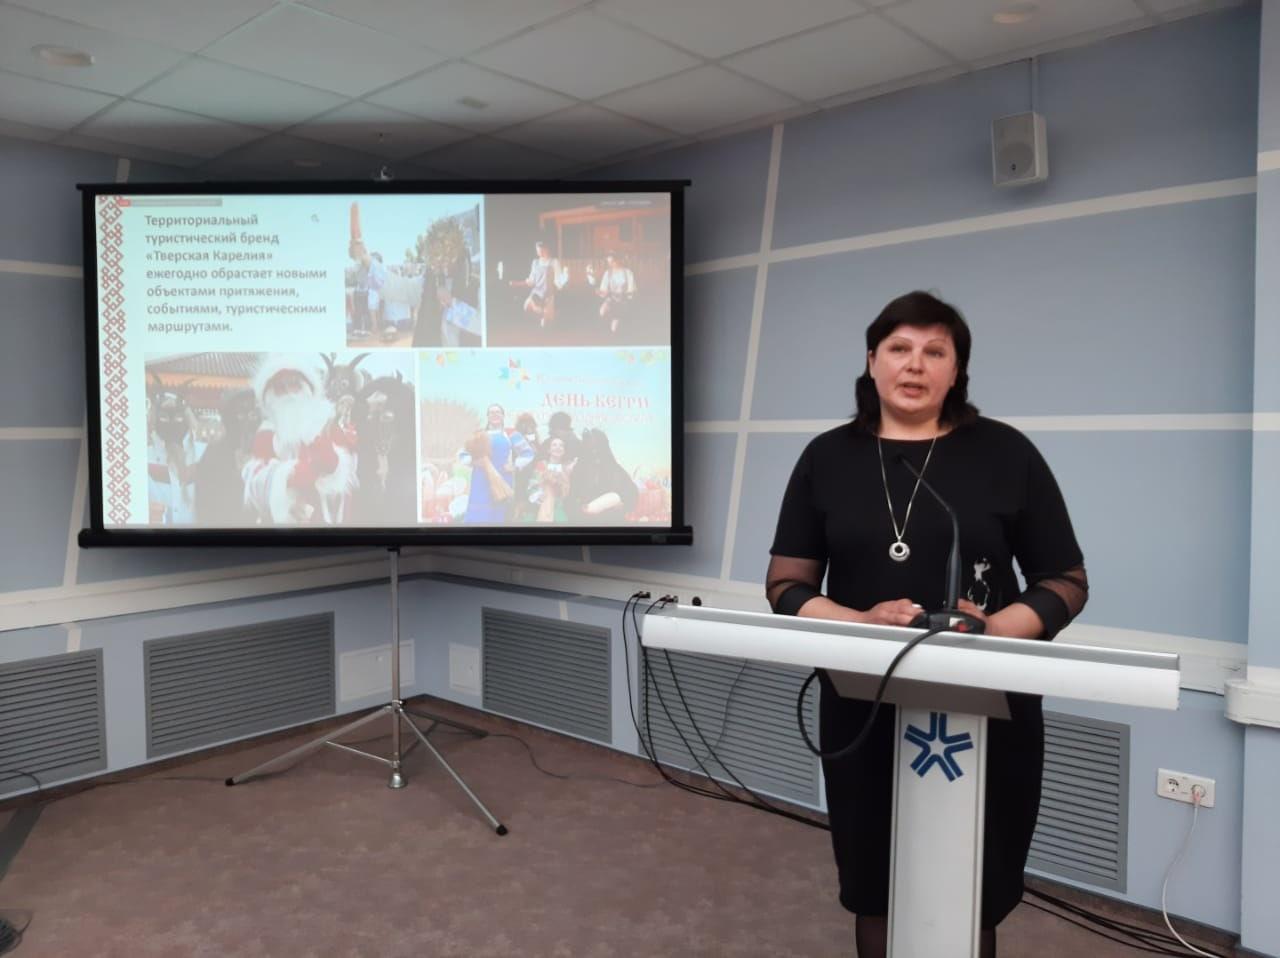 """Лихославльский район представил бренд """"Тверская Карелия"""" на международной выставке"""